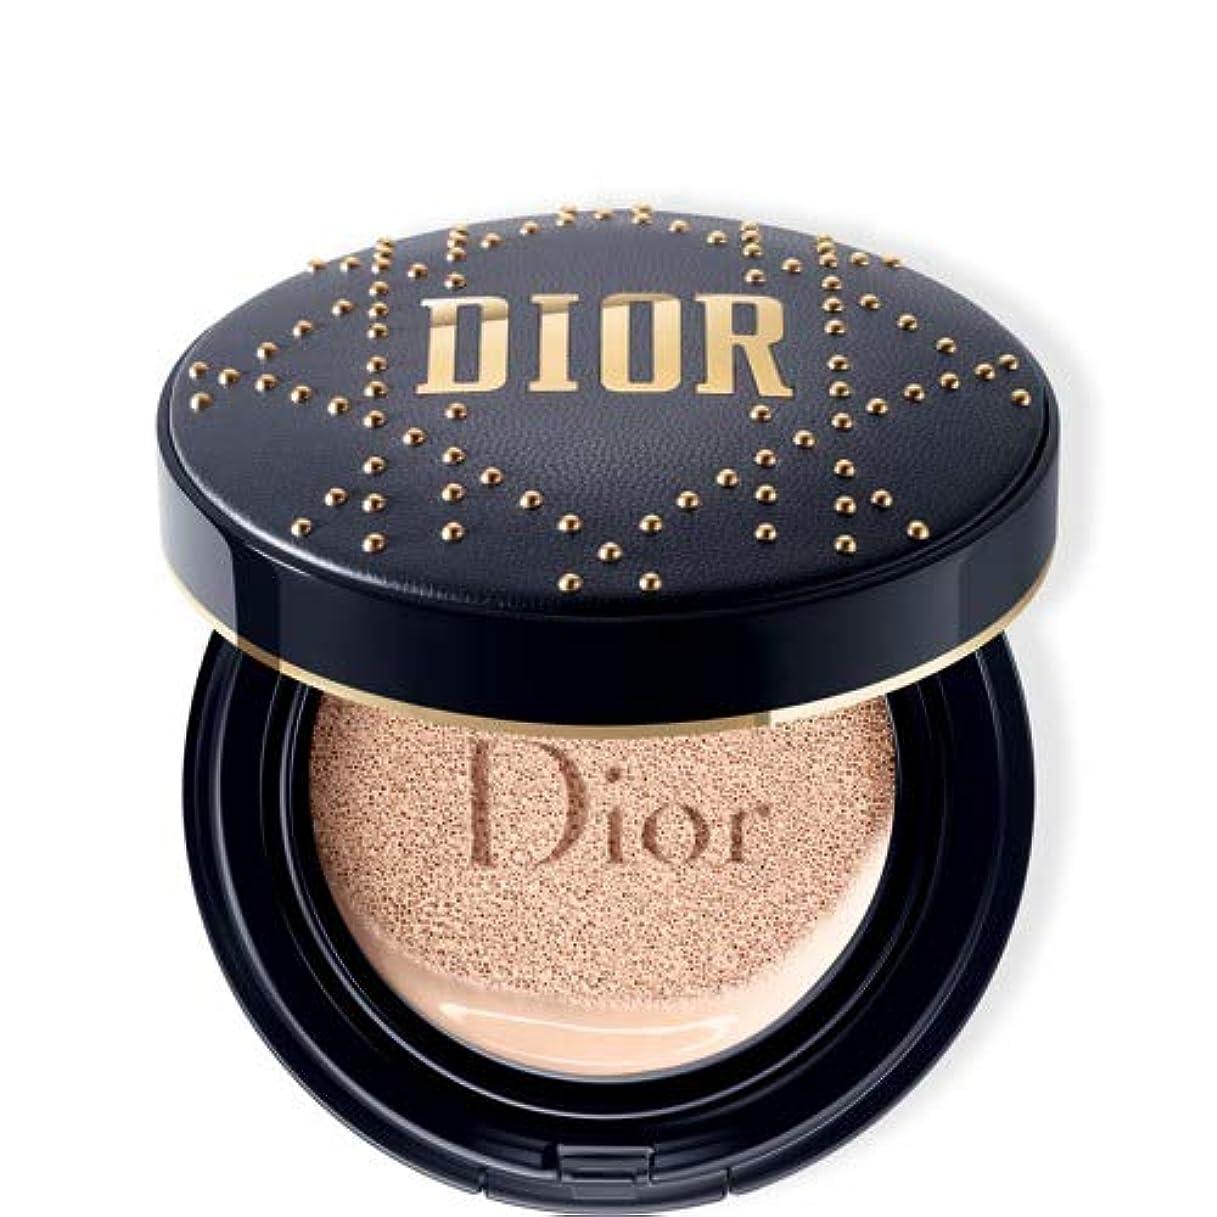 裂け目透けて見える官僚Dior ディオールスキン フォーエヴァー クッション - 限定スタッズ カナージュ ケース #030